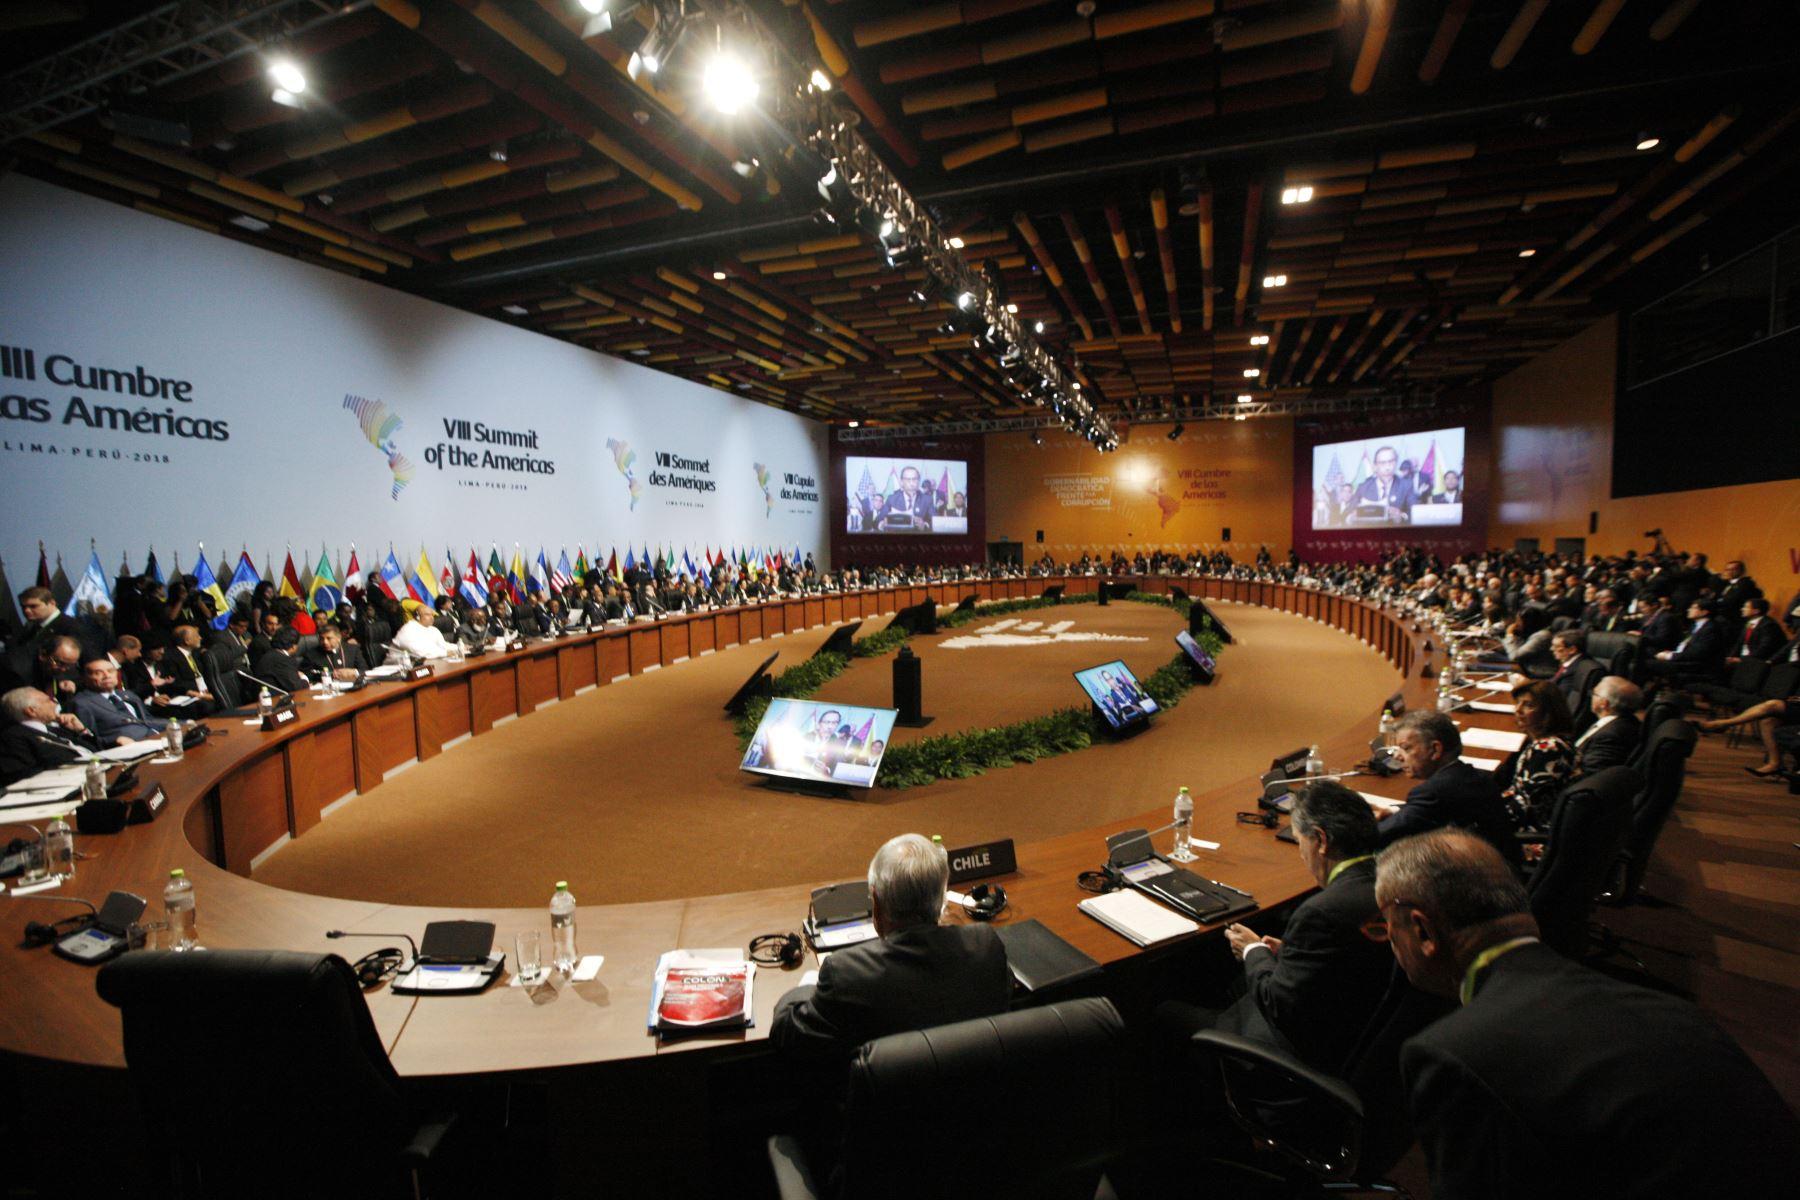 Sesión plenaria de la VIII Cumbre de las Américas en Lima. Foto: ANDINA/Dante Zegarra